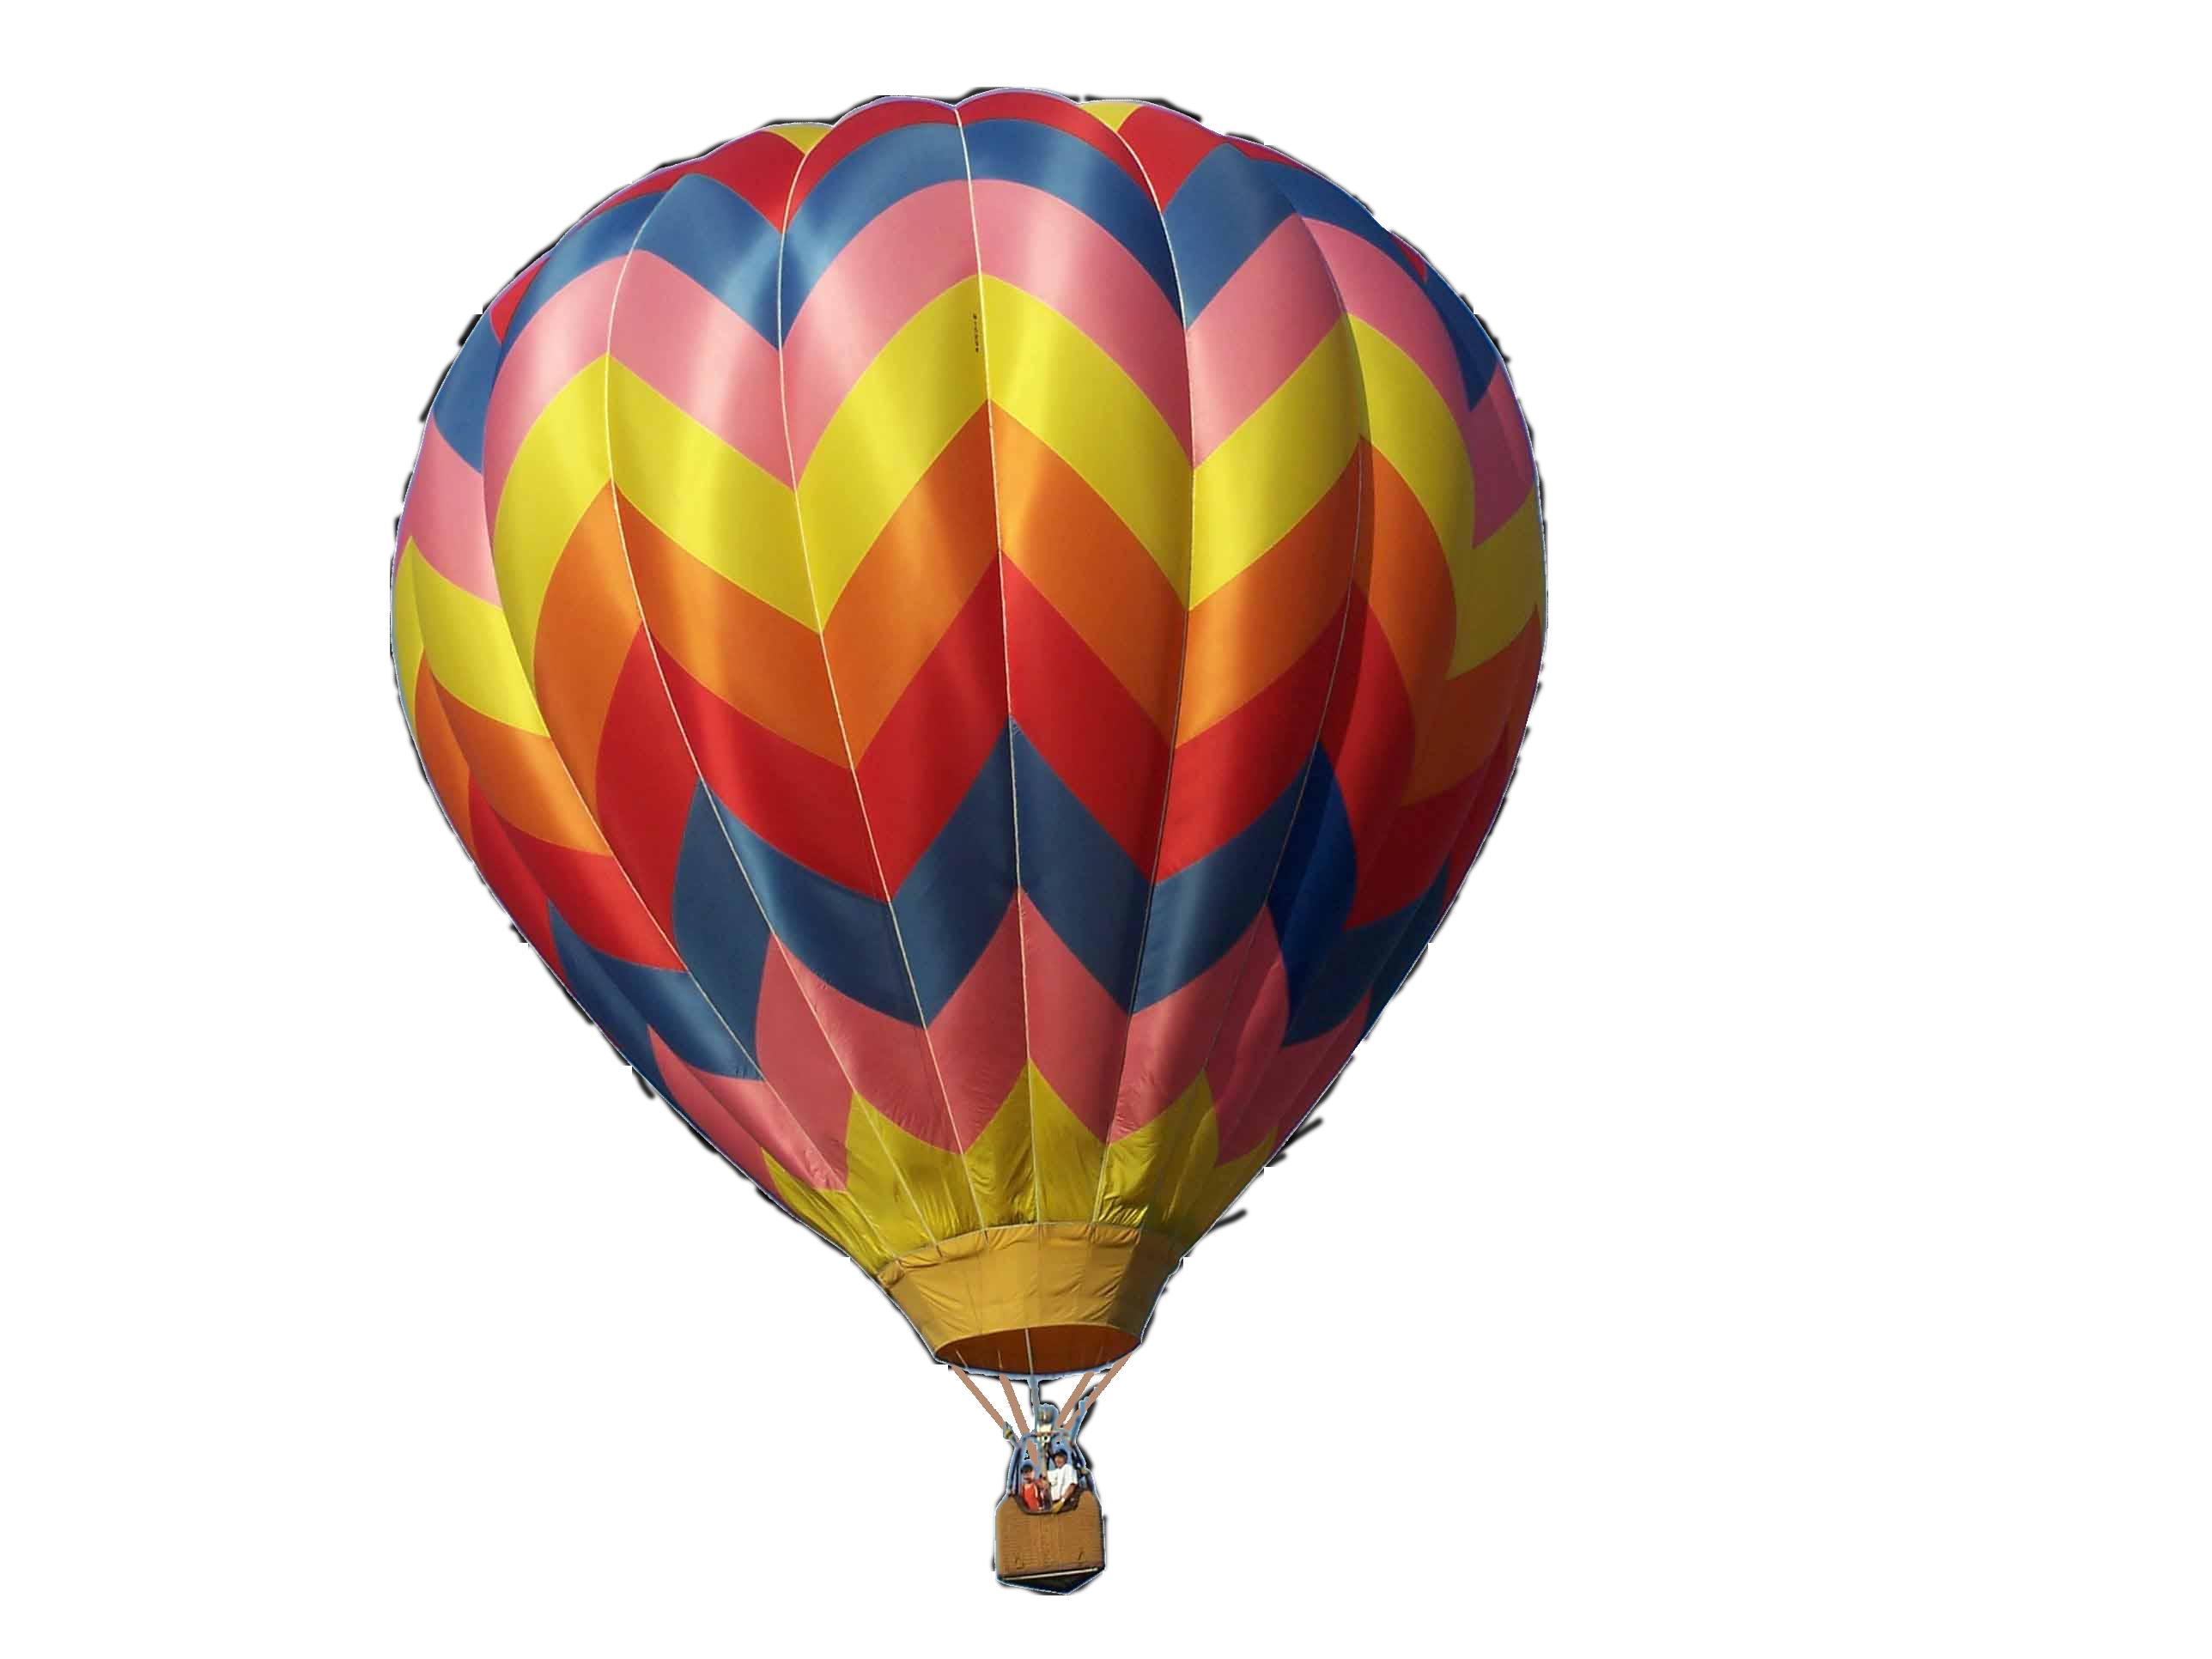 hotairballoon.png (2576×1932) Air balloon, Hot air